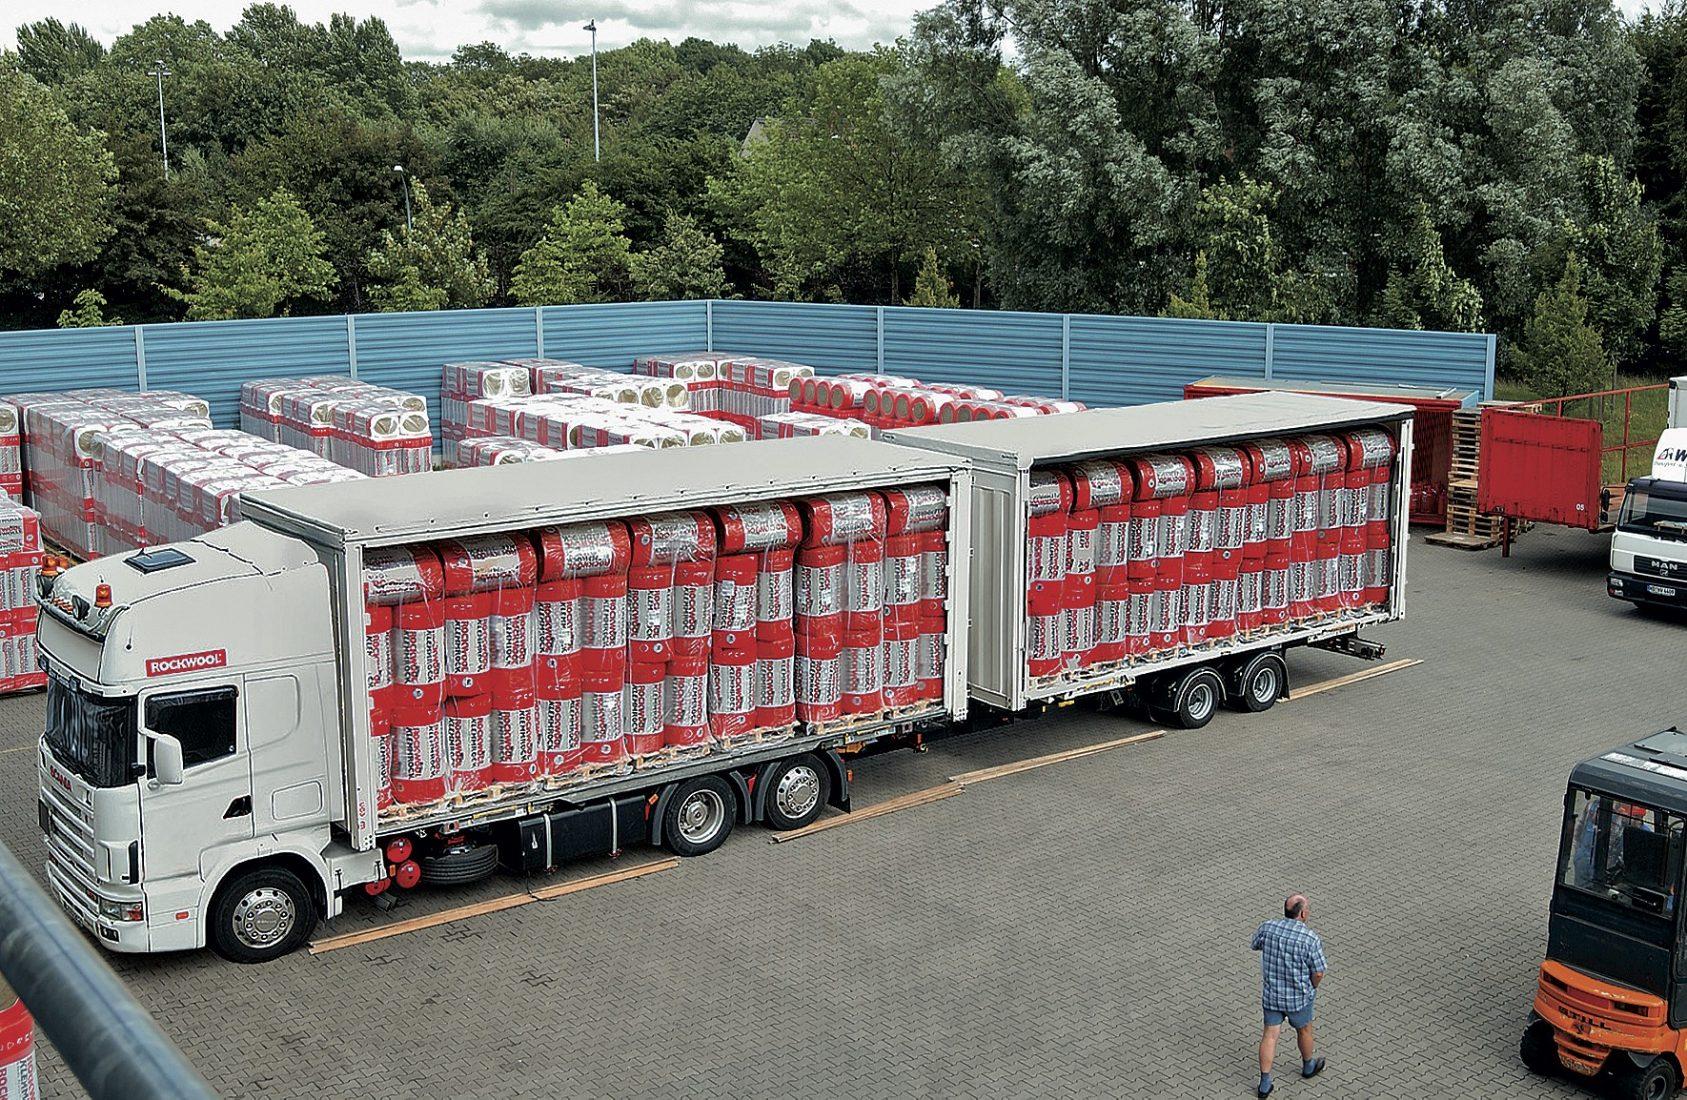 Großvolumige Waren wie Dämmstoffe gelangen oft über Streckengeschäfte auf die Baustelle. Foto: Rockwool